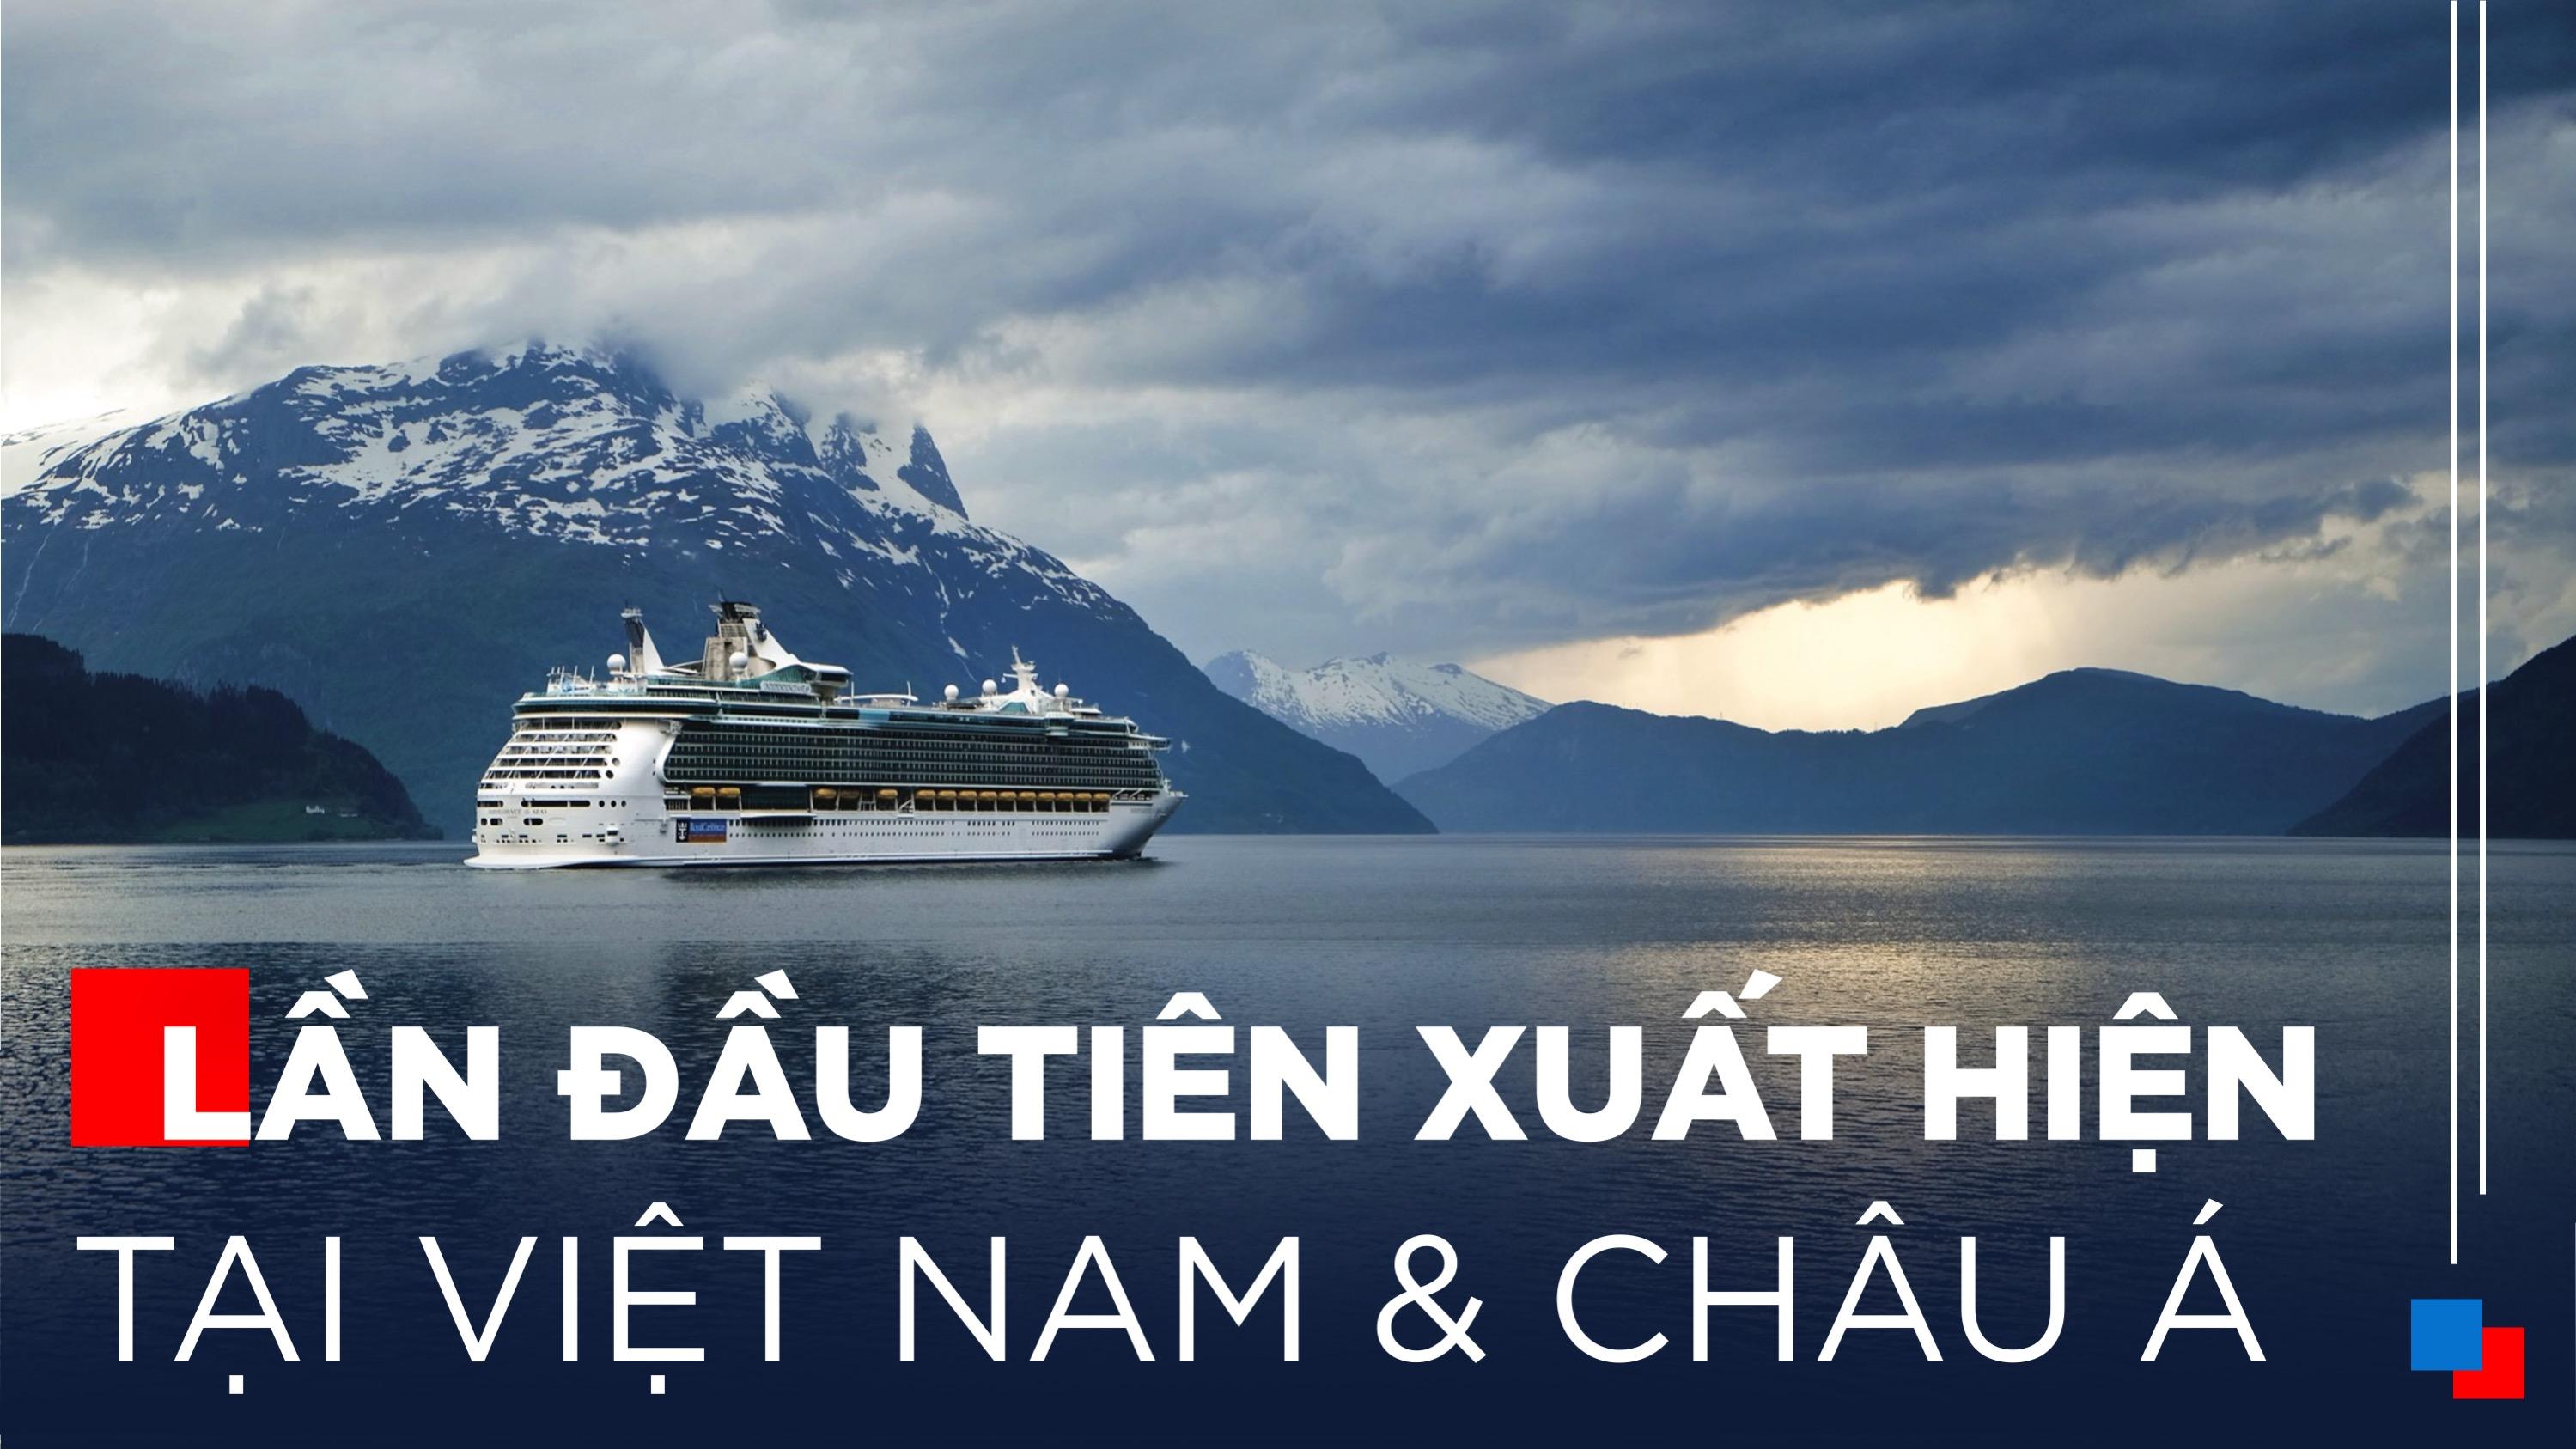 Gỗ An Cường   Dòng Sản Phẩm Cho Ngành Tàu Biển Lần Đầu Tiên Xuất Hiện Tại Việt Nam Và Châu Á